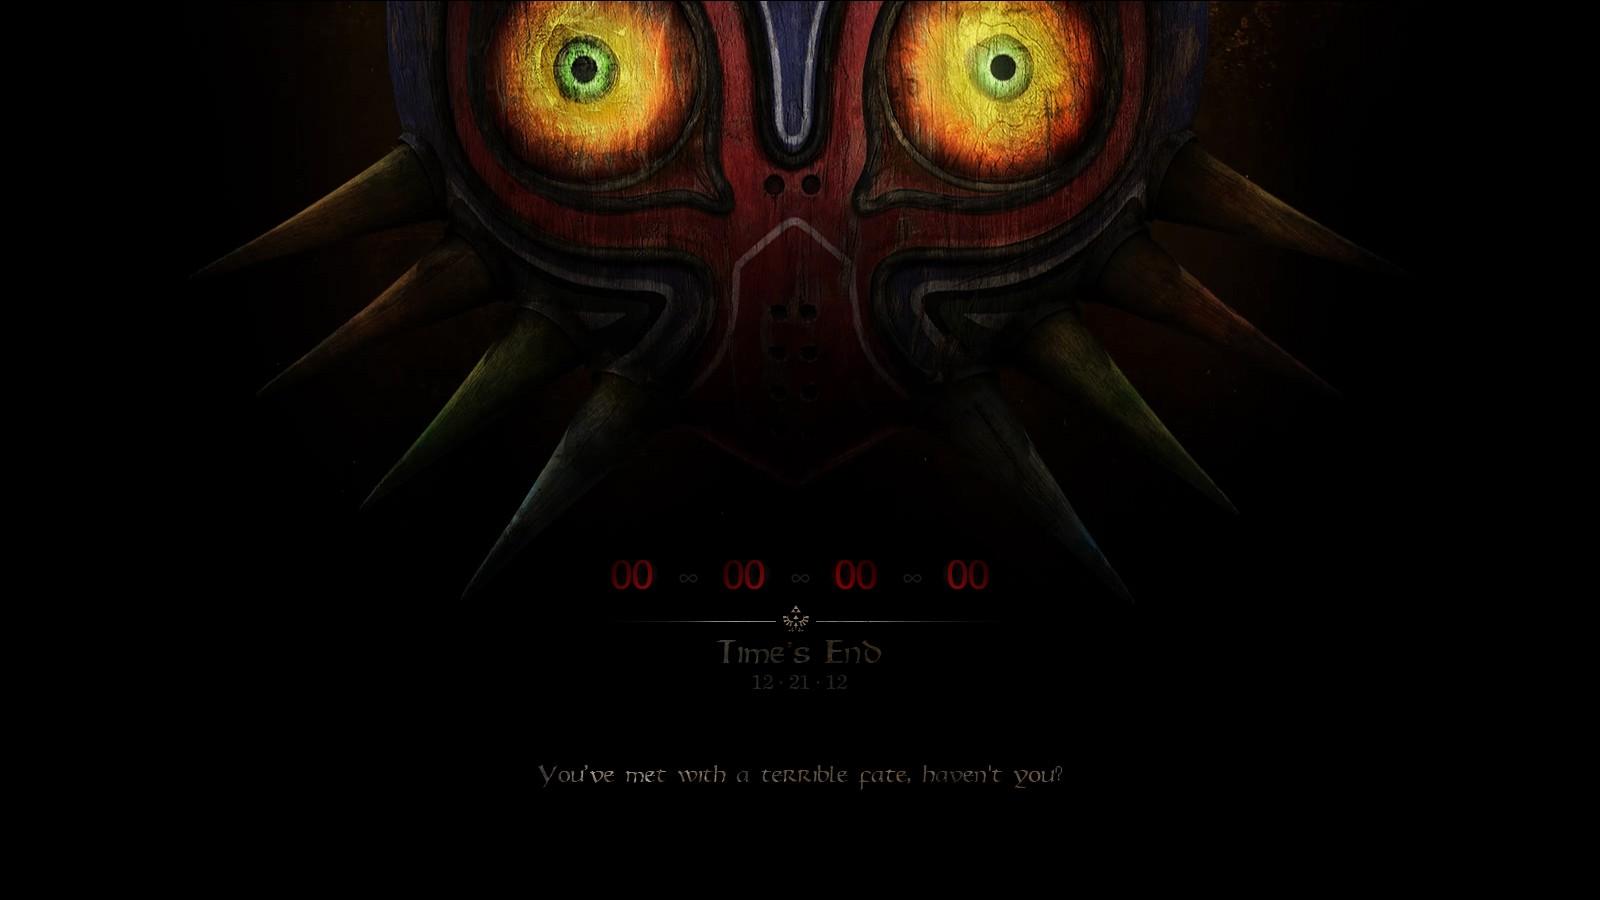 Masks End Skull Kid The Legend Of Zelda Majoras Mask Time Wallpaper